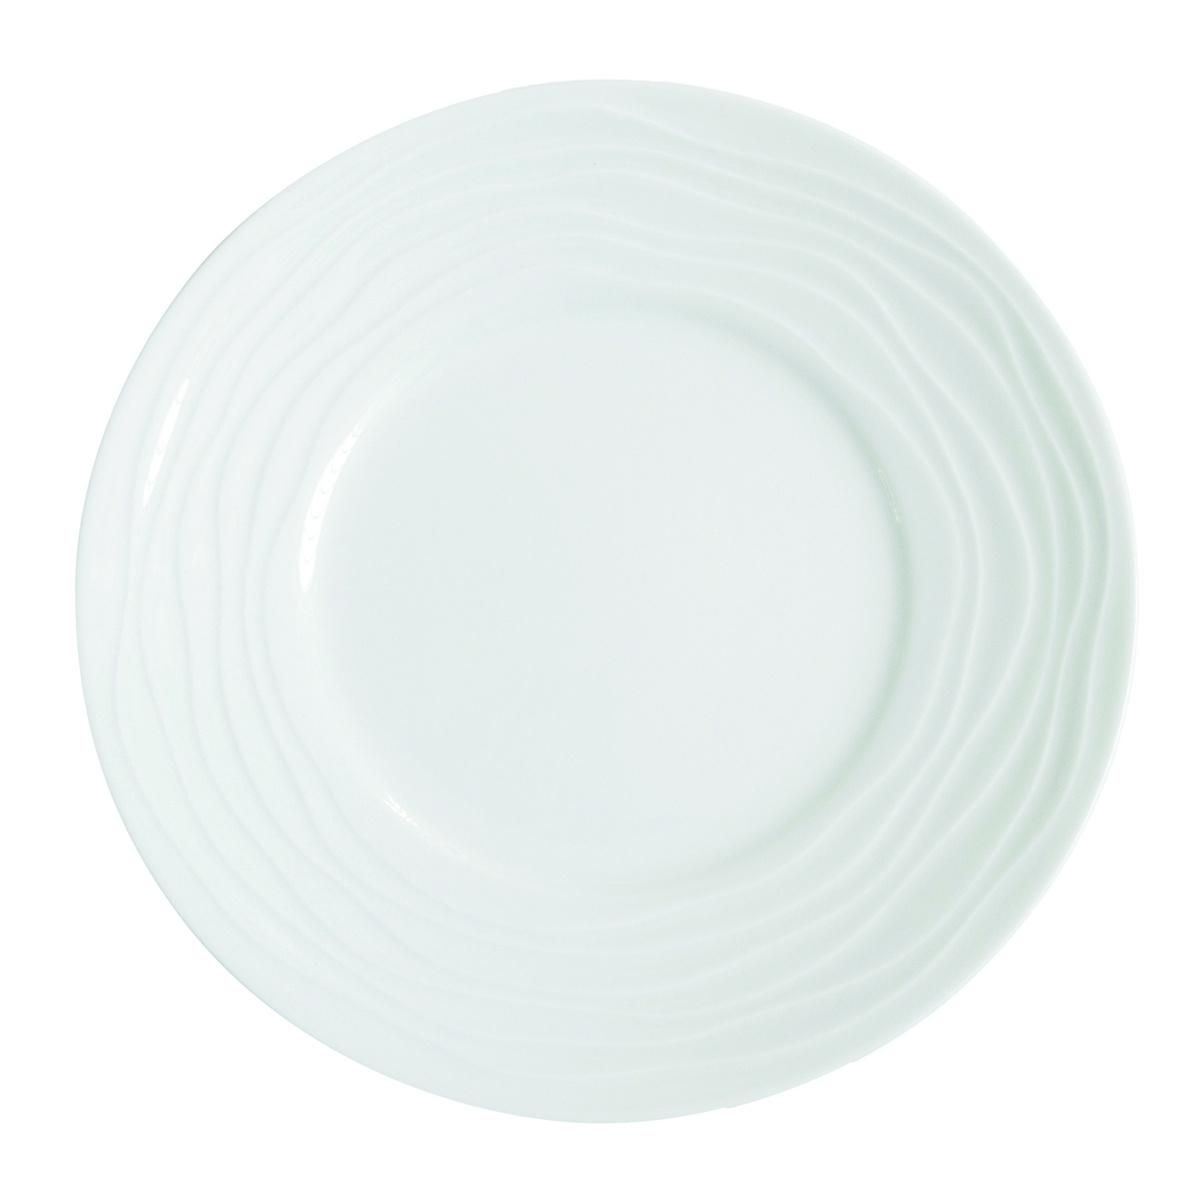 Assiette plate ronde blanc porcelaine Ø 27,50 cm Onde Medard De Noblat